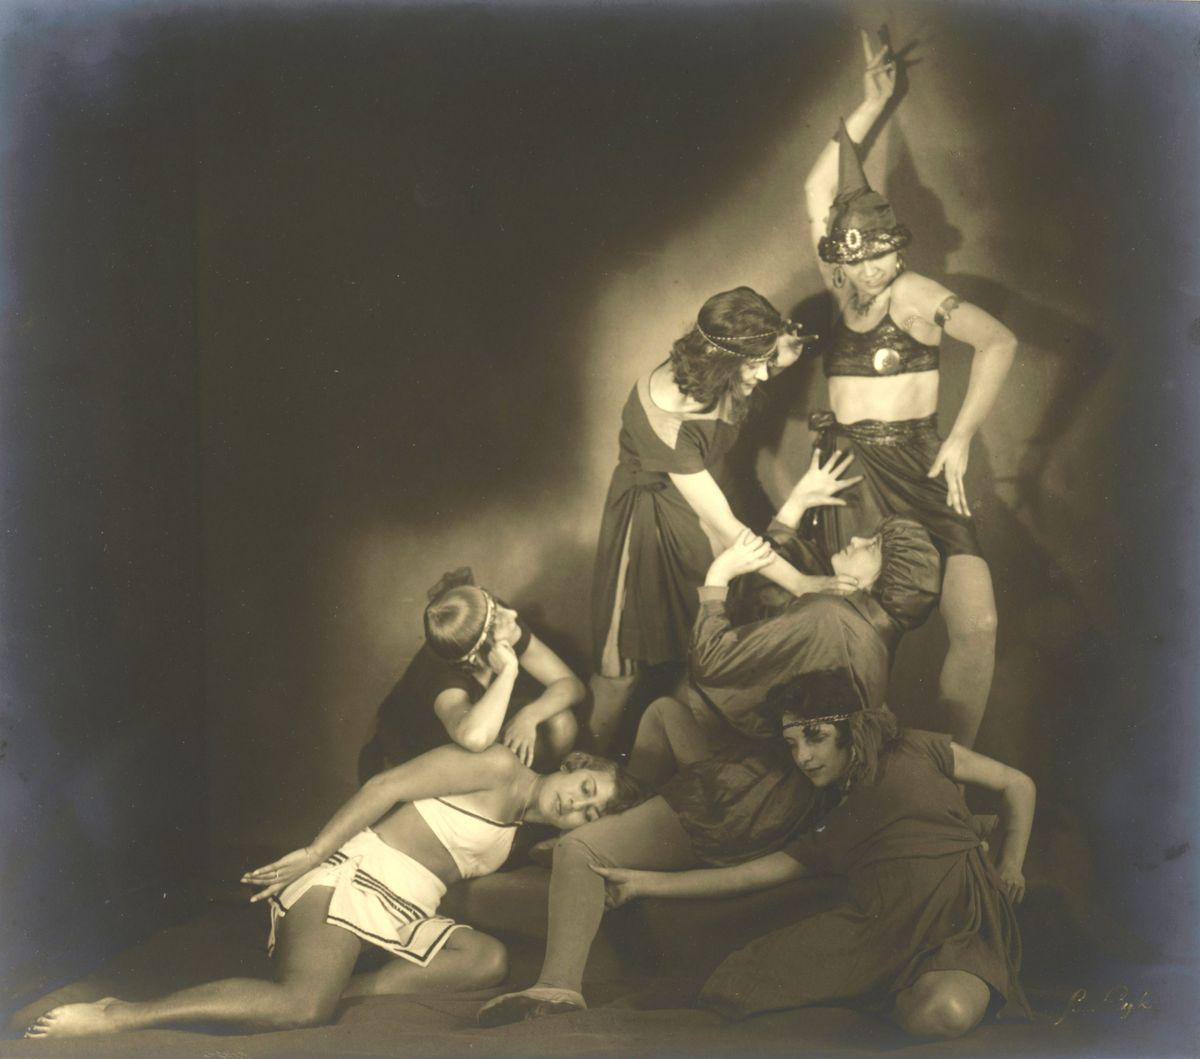 Suse Byk, Laban Gruppe von Hertha Feist Berlin, Tanzstudie Don Juan, 1925 –1926, © Staatliche Museen zu Berlin, Kunstbibliothek